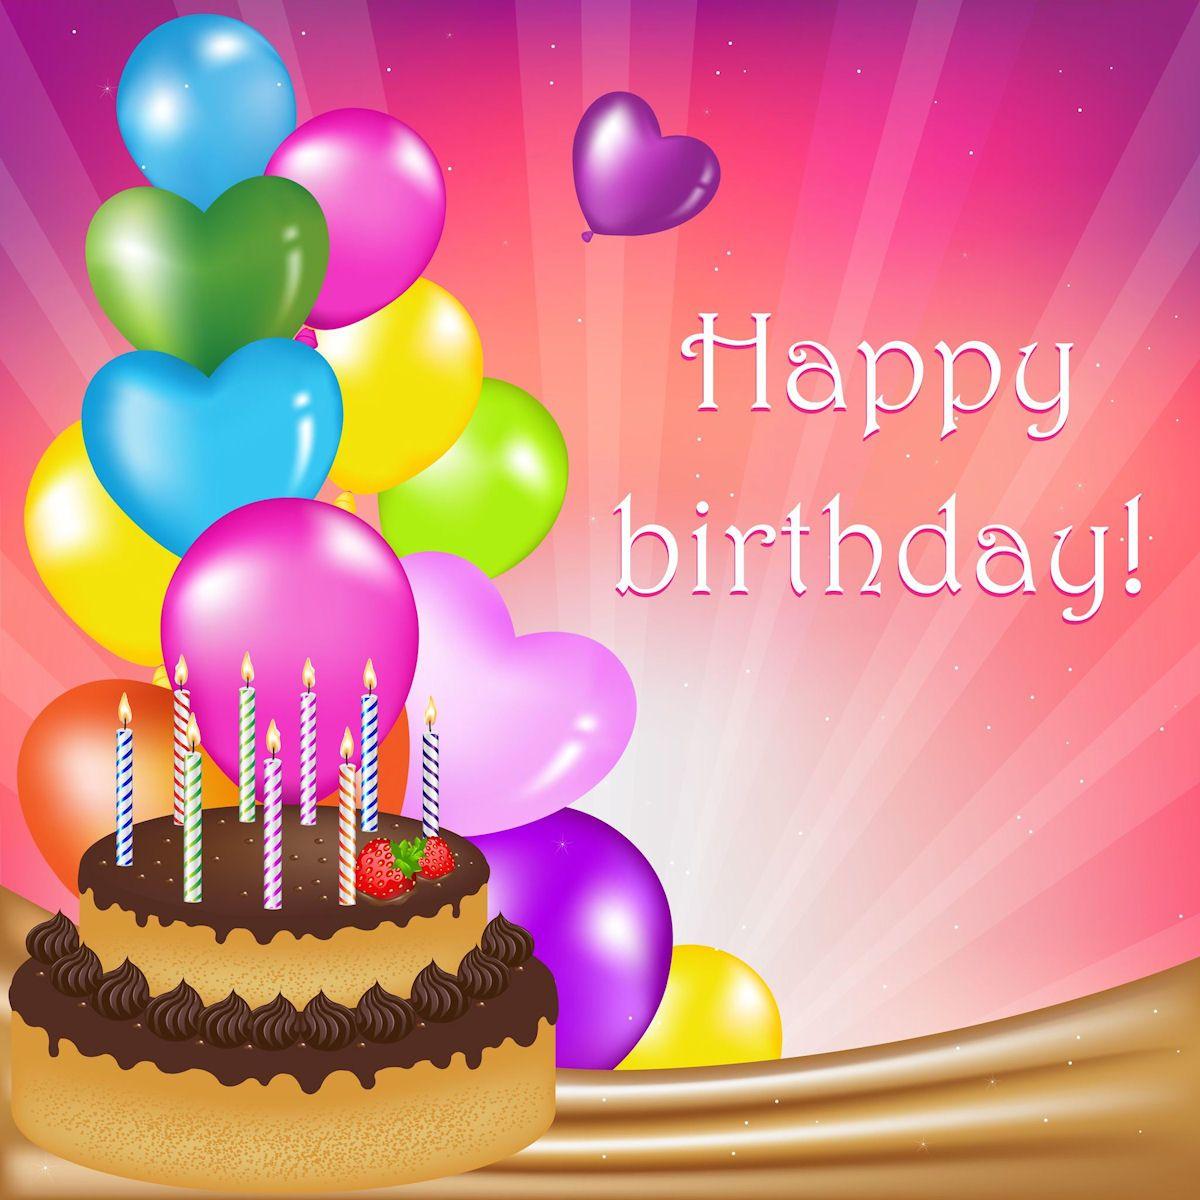 4lwrW 4gF3w UO9u76 SvgI AAAAAAAACNA ye6tvvAySY s1600 tarjeta de cumpleaños happy birthday postal felicitaciones g j…